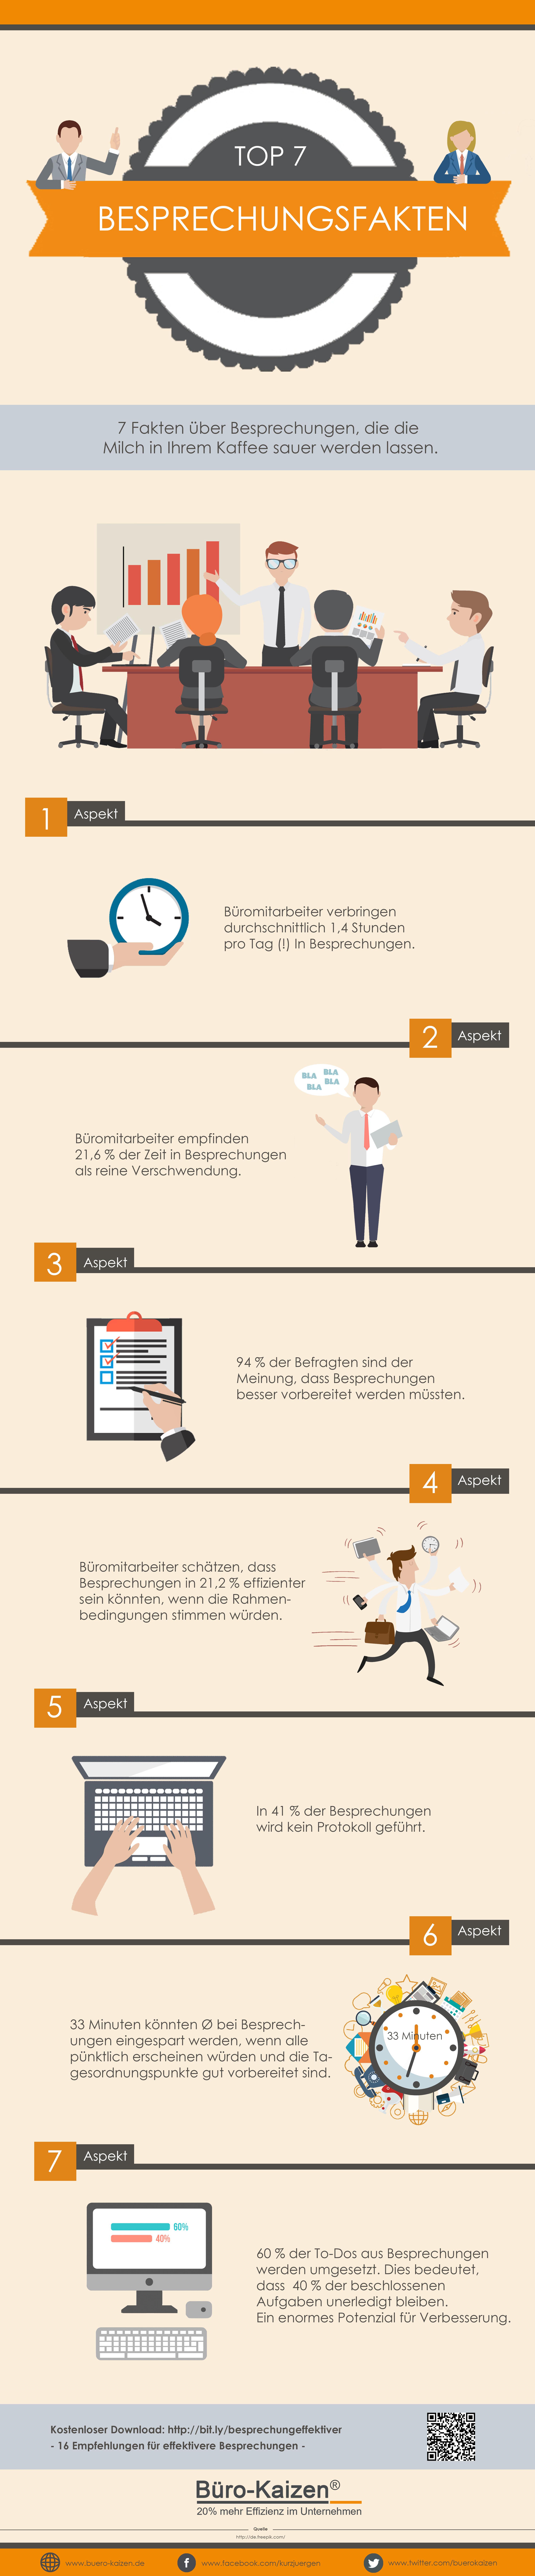 infografik-besprechungsfakten